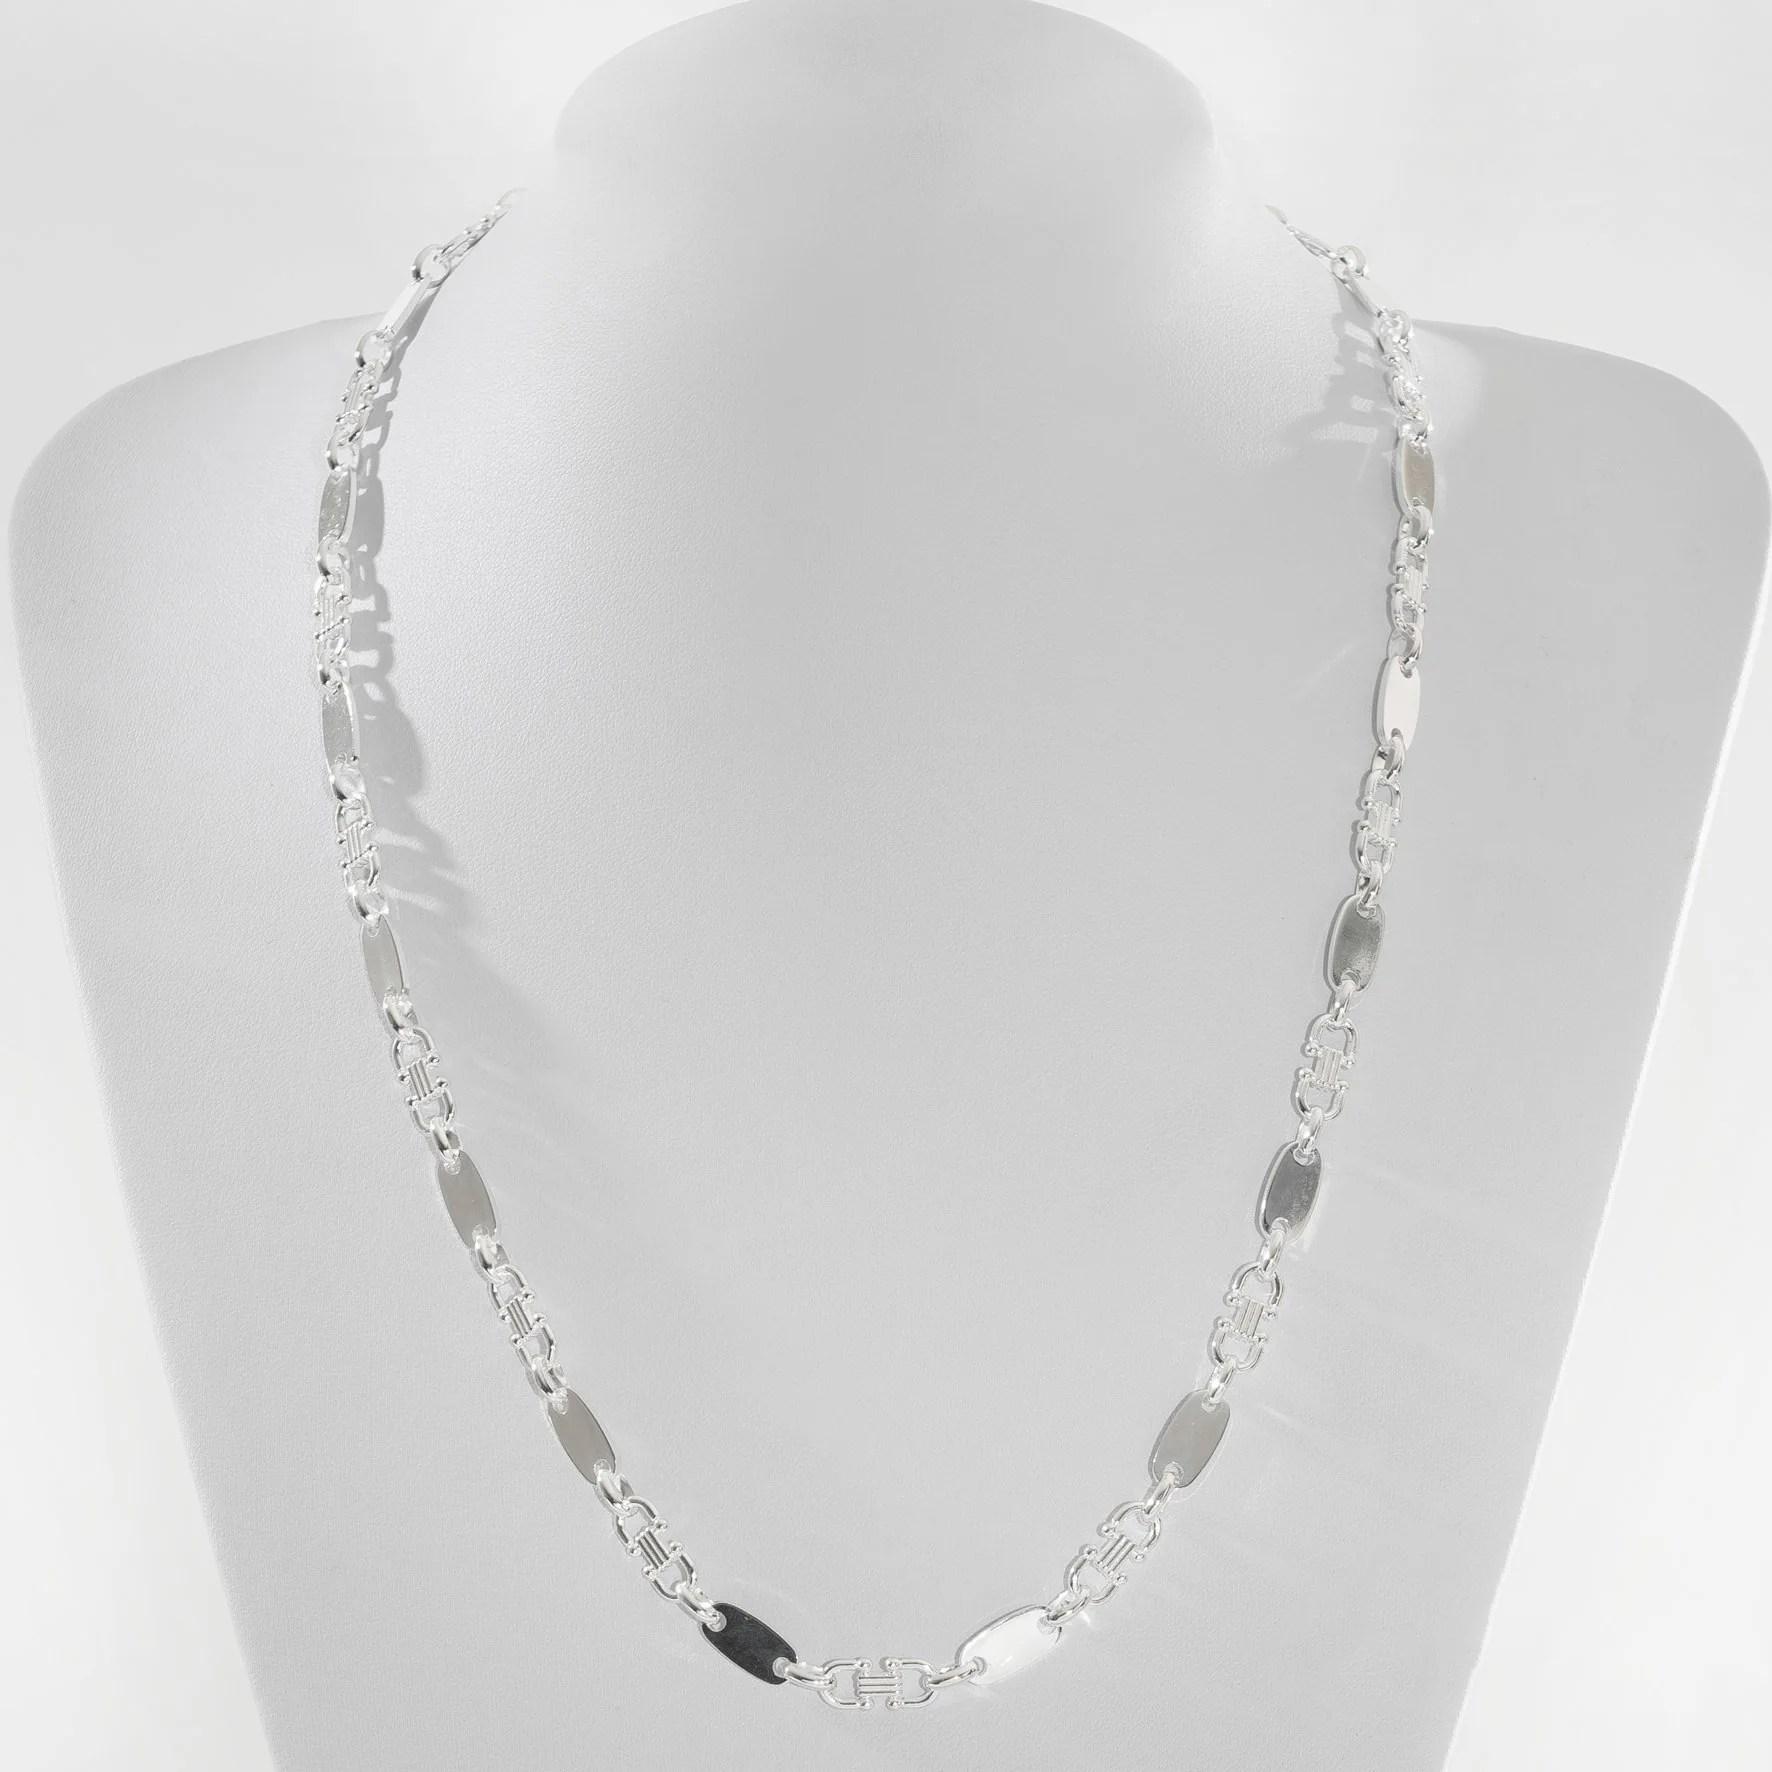 chaine a plaques de 6mm de large et 60cm de long en argent sterling 925 k137 bijoux de taipan